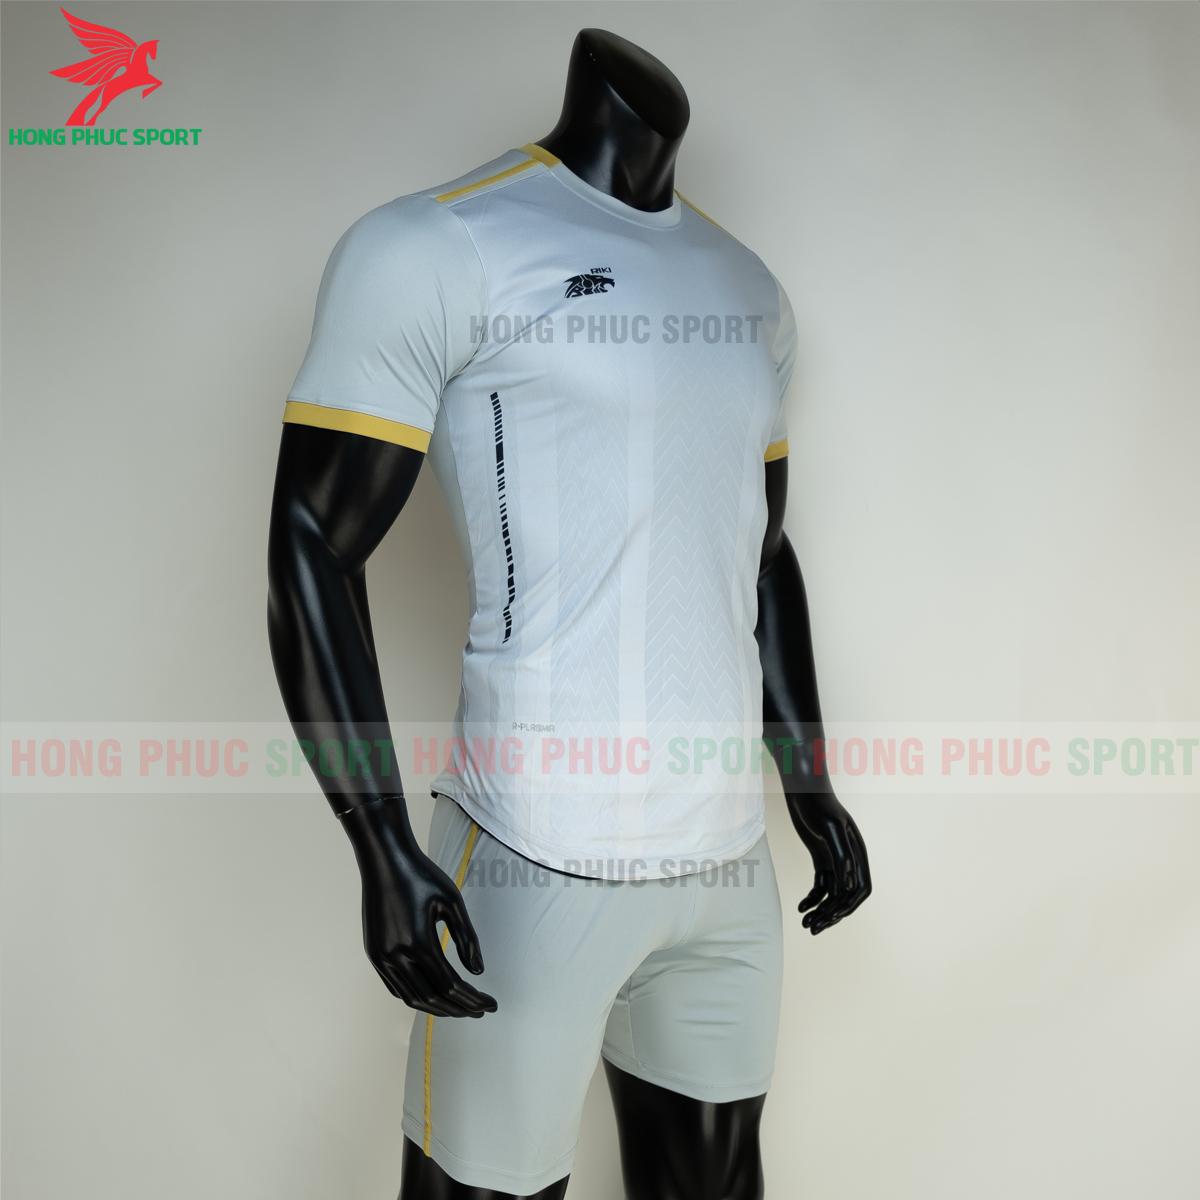 Áo đá banh không logo RIKI FURIOR 2021 màu trắng (phải)